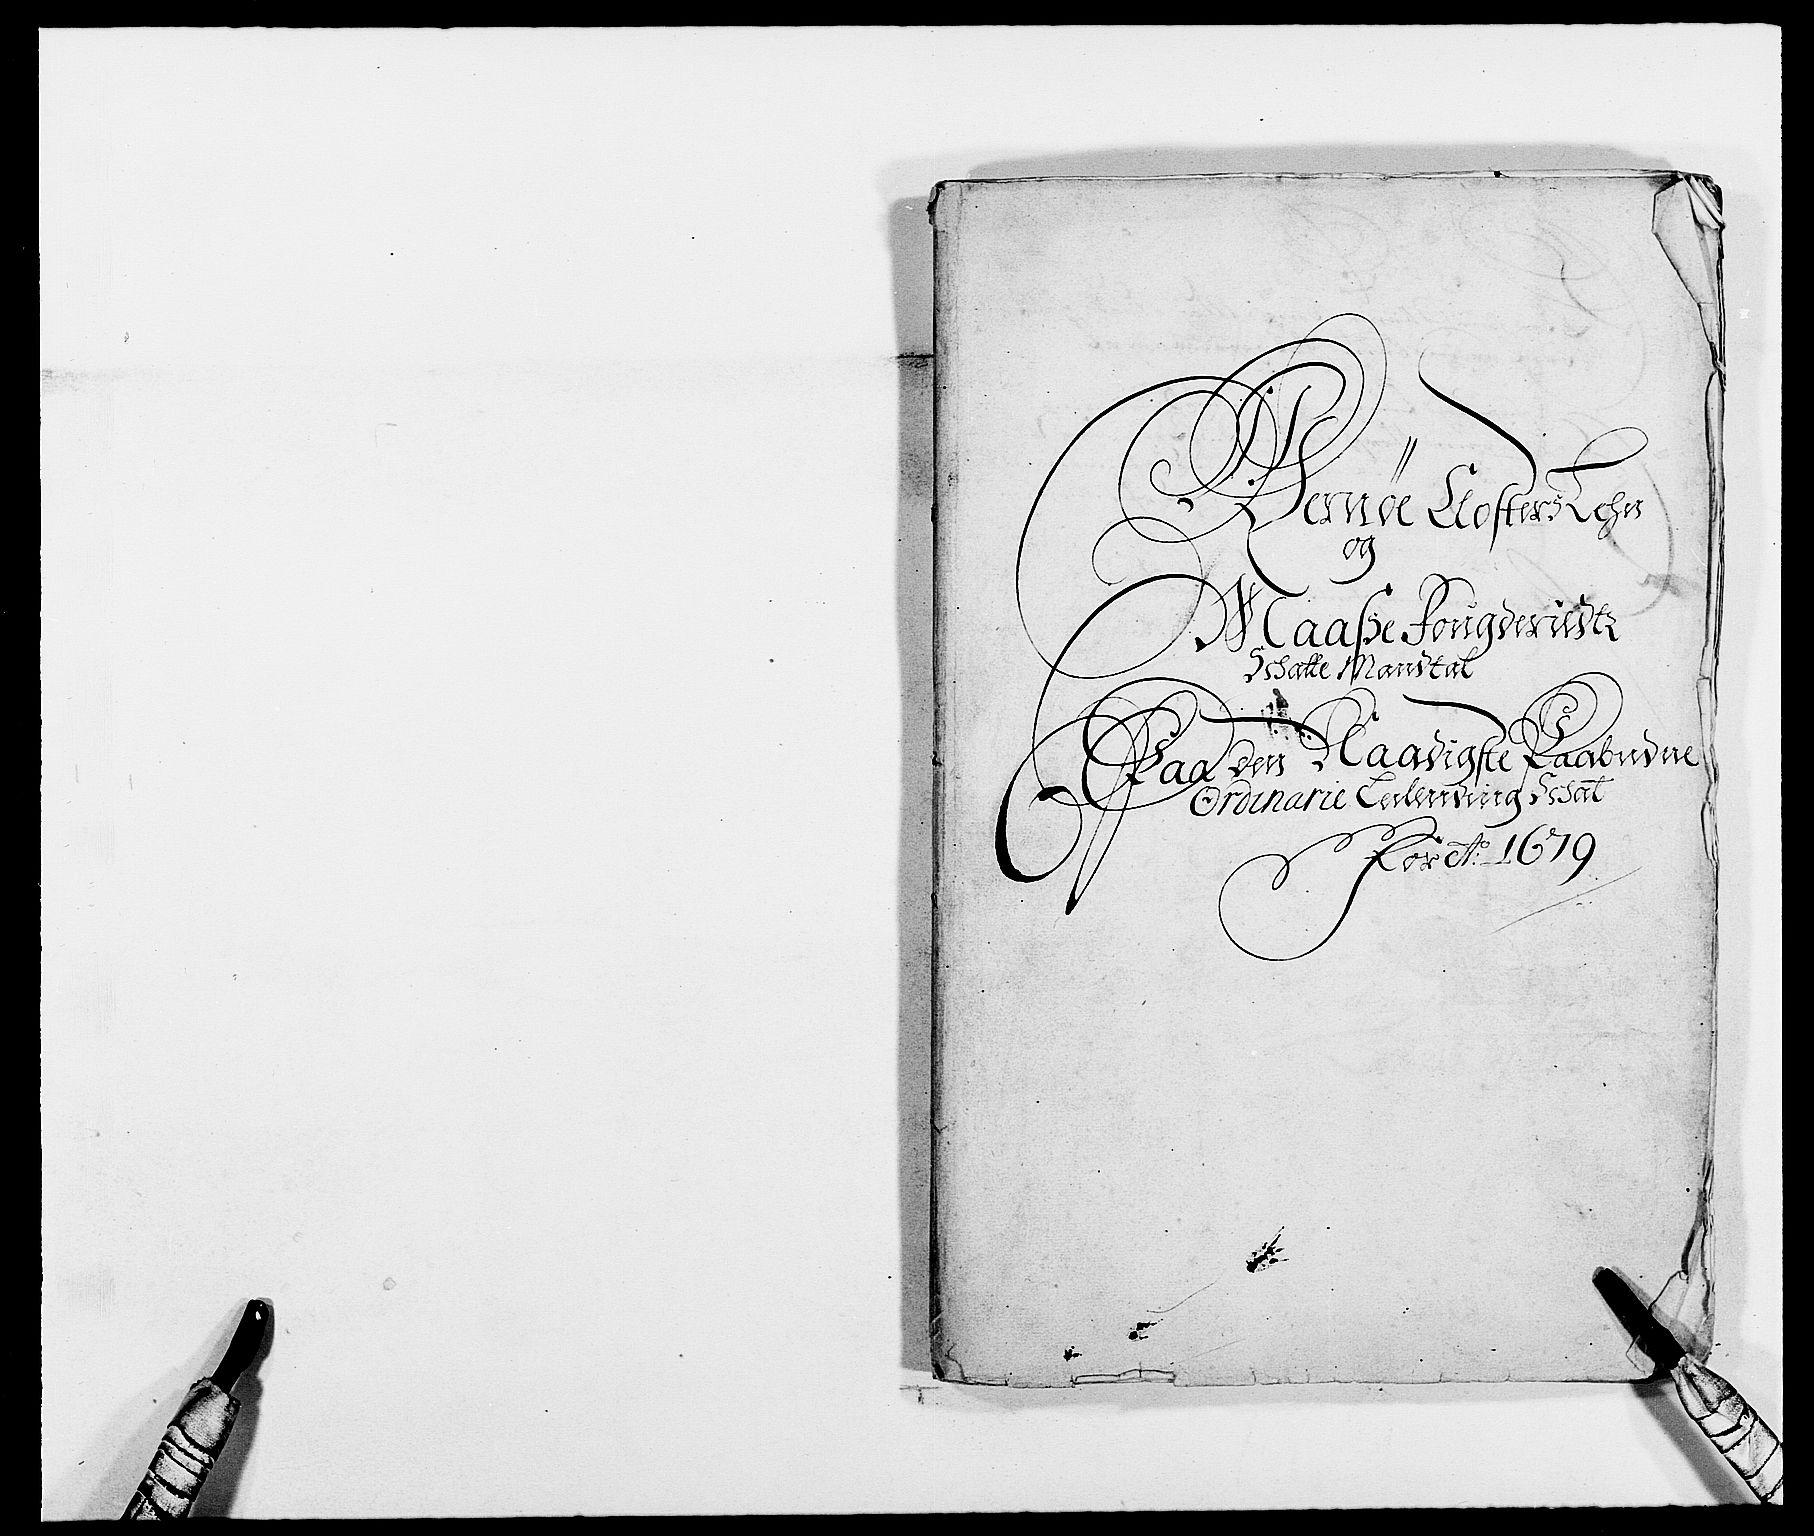 RA, Rentekammeret inntil 1814, Reviderte regnskaper, Fogderegnskap, R02/L0100: Fogderegnskap Moss og Verne kloster, 1679, s. 7